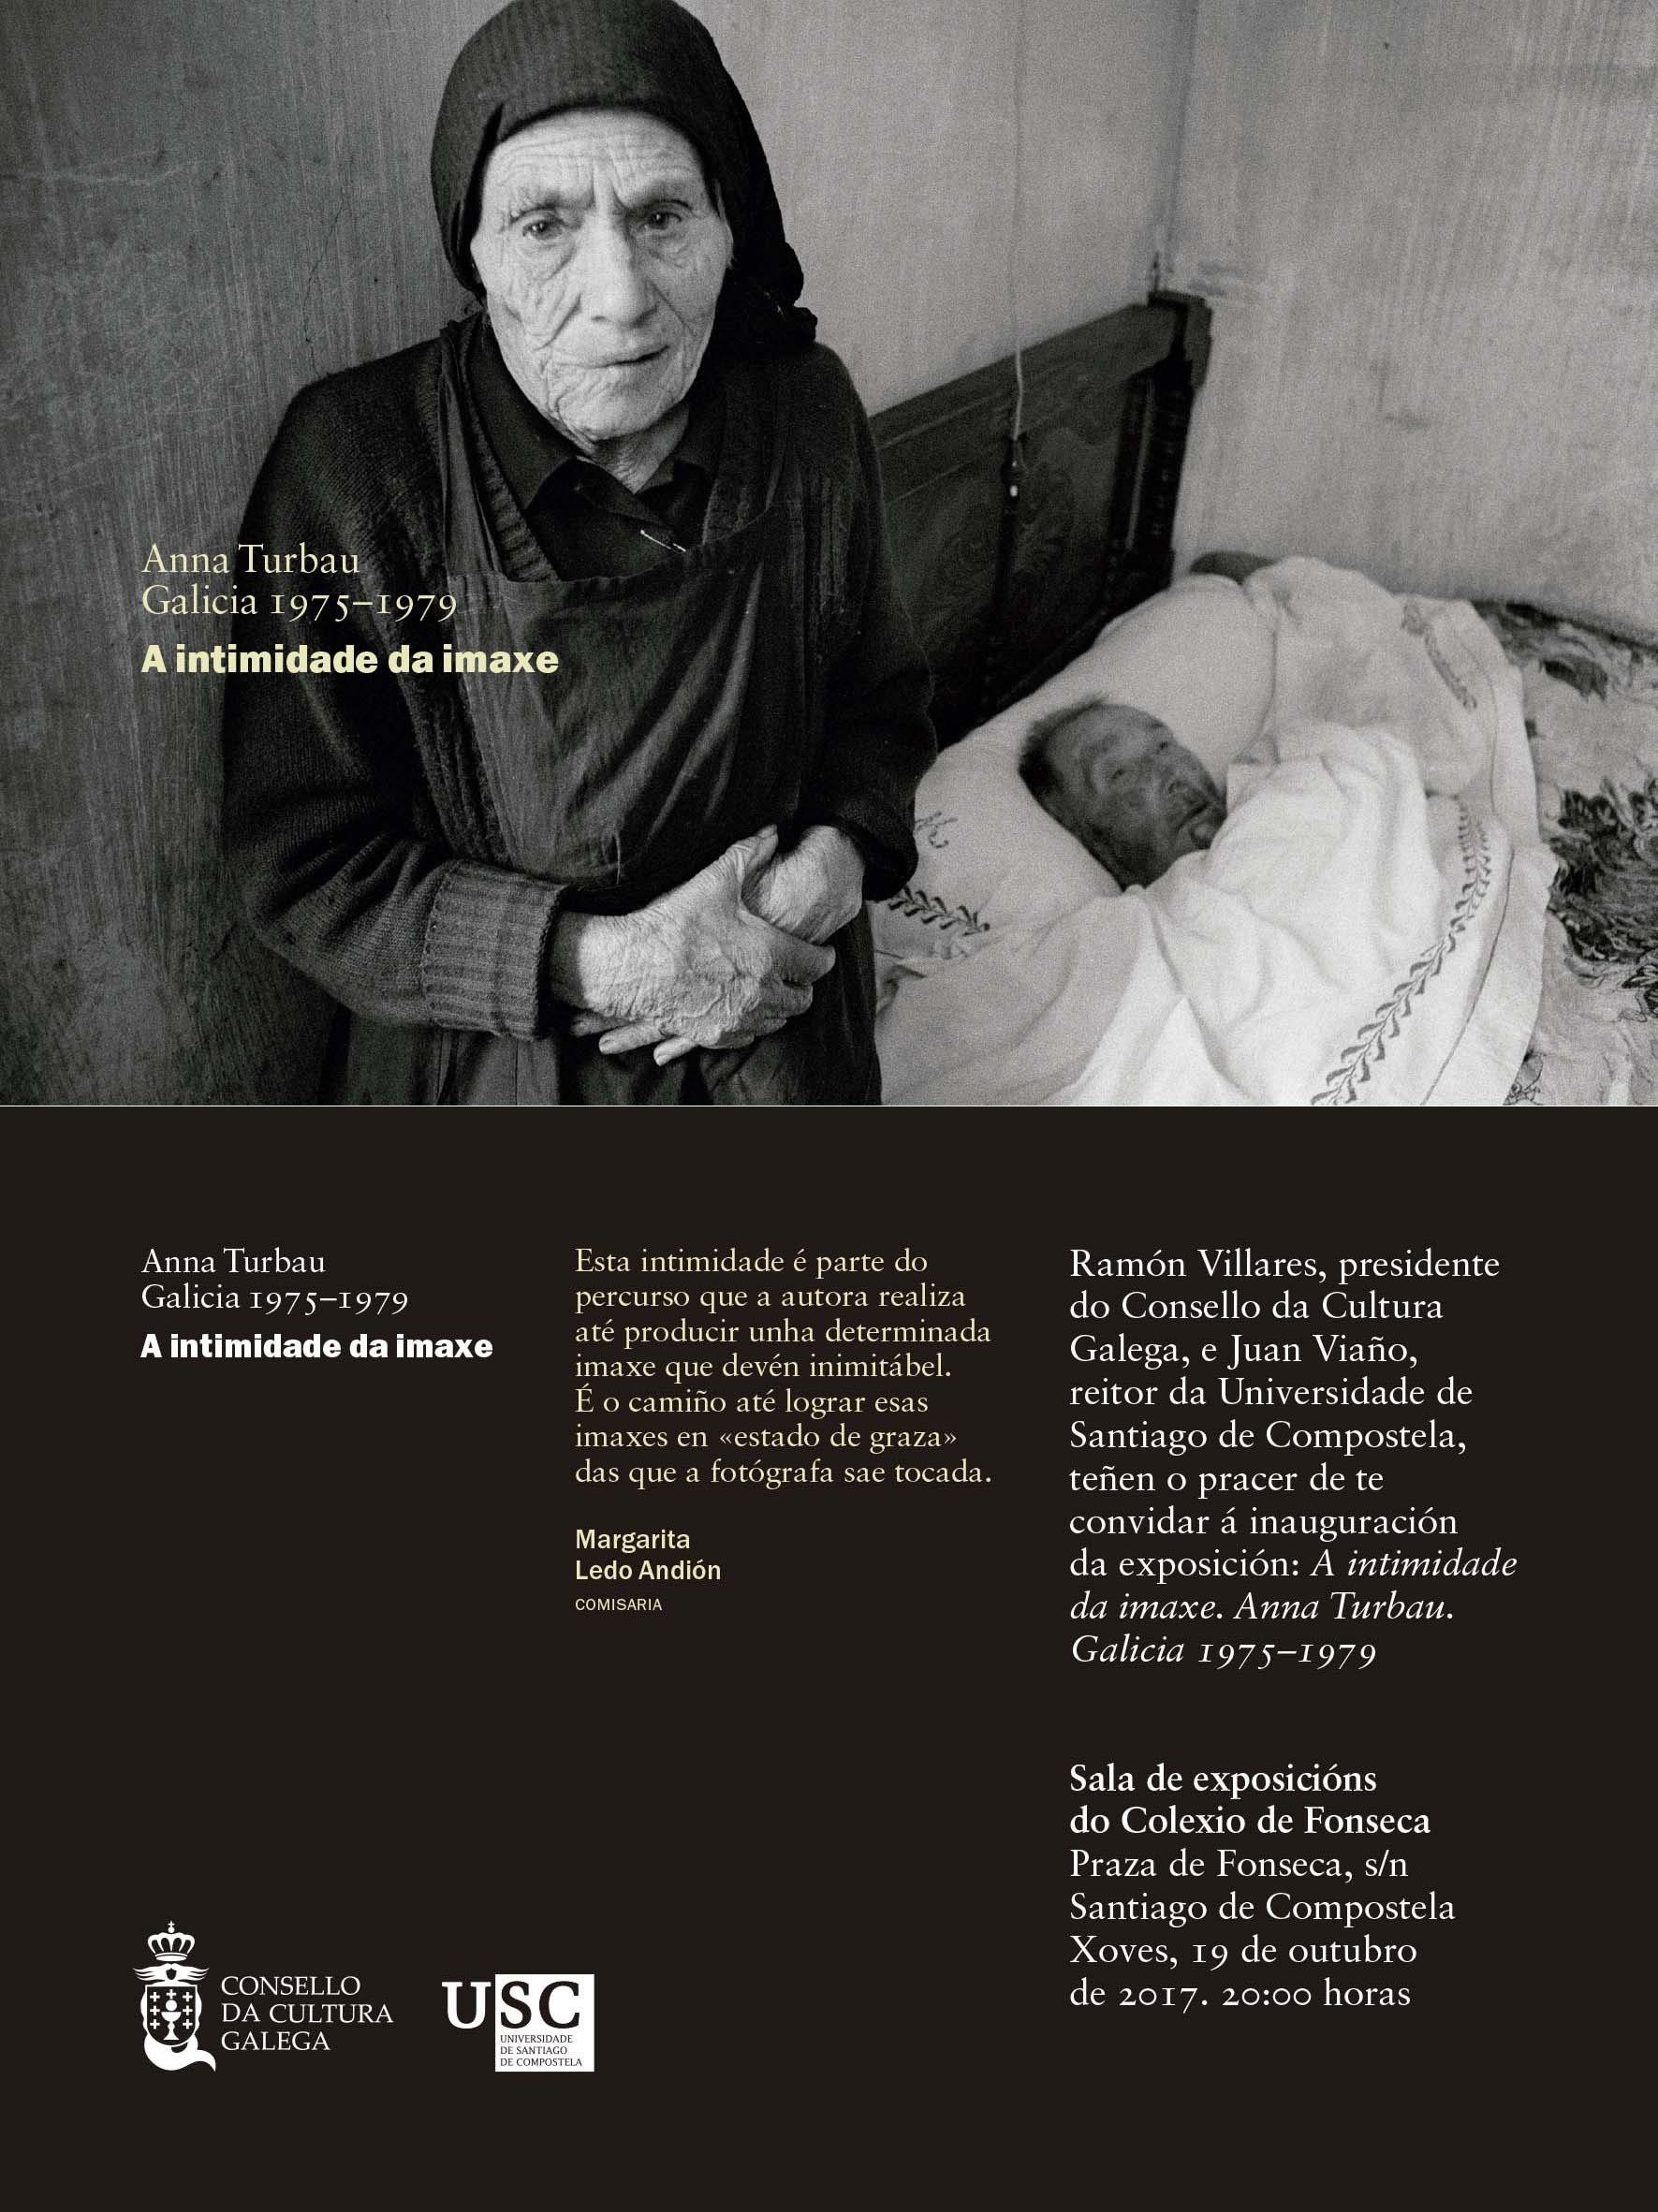 convite: A INTIMIDADE DA IMAXE. ANNA TURBAU. GALICIA 1975–1979